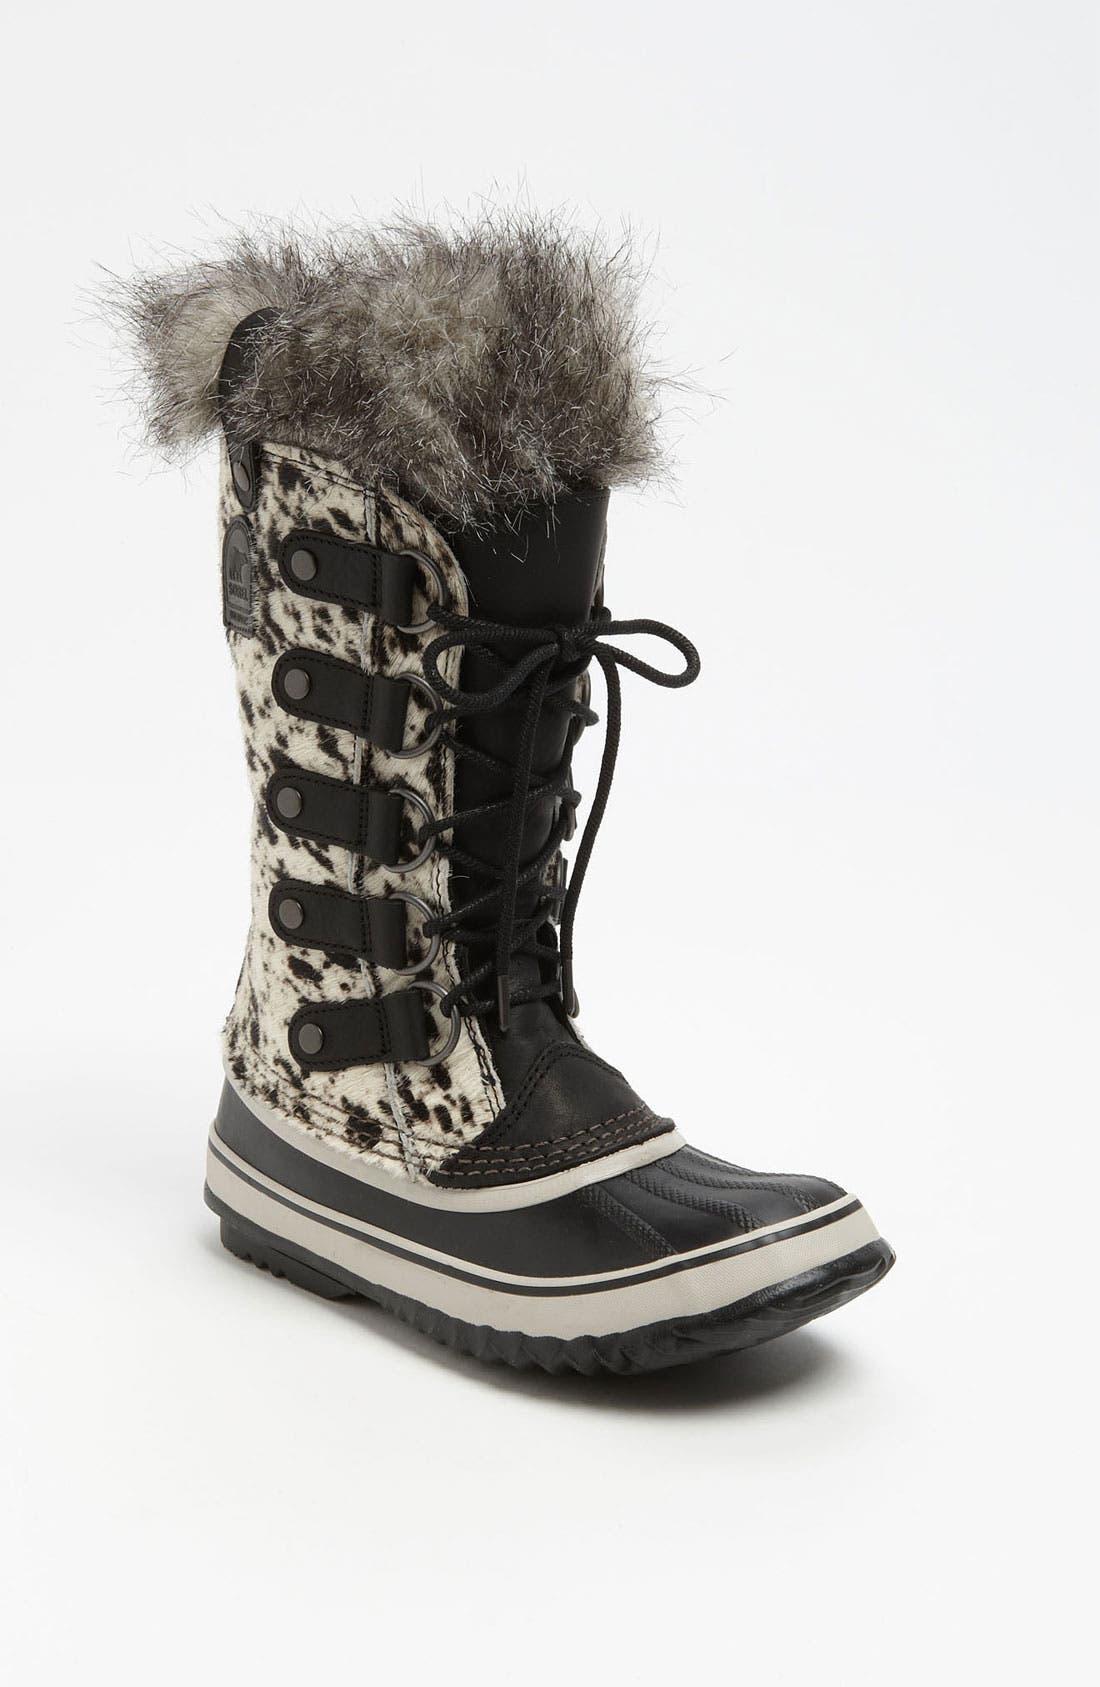 Alternate Image 1 Selected - SOREL 'Joan of Arctic Reserve' Boot